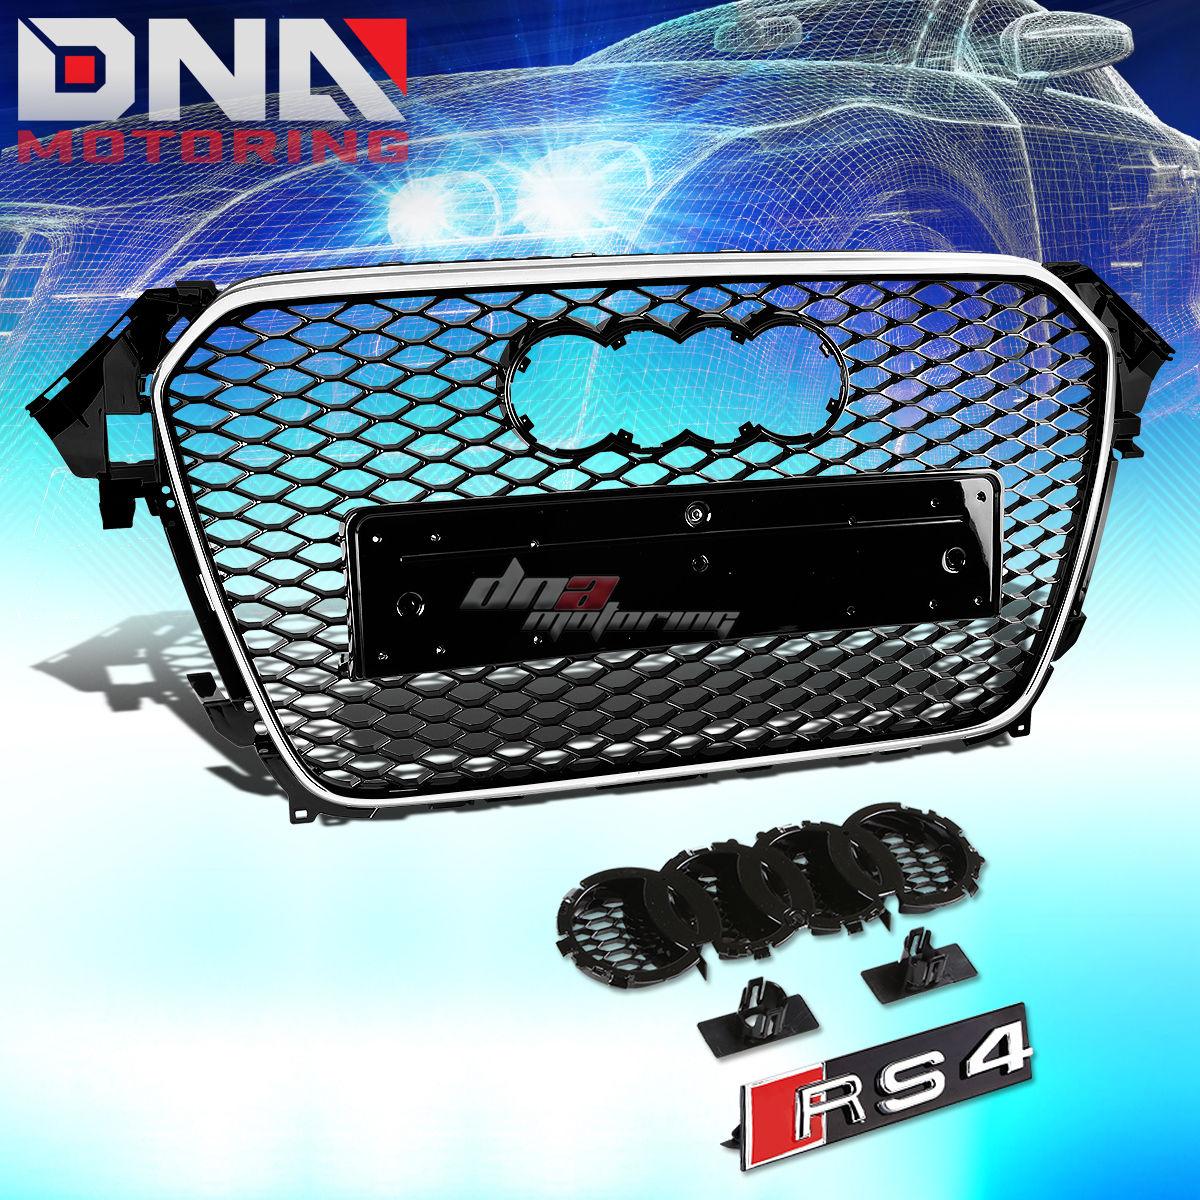 グリル FOR 13-16 AUDI A4 / S4 B8.5ブラックABSフロントスタイルフロントバンパーメッシュグリルガード FOR 13-16 AUDI A4/S4 B8.5 BLACK ABS RS STYLE FRONT BUMPER UPPER MESH GRILL GUARD